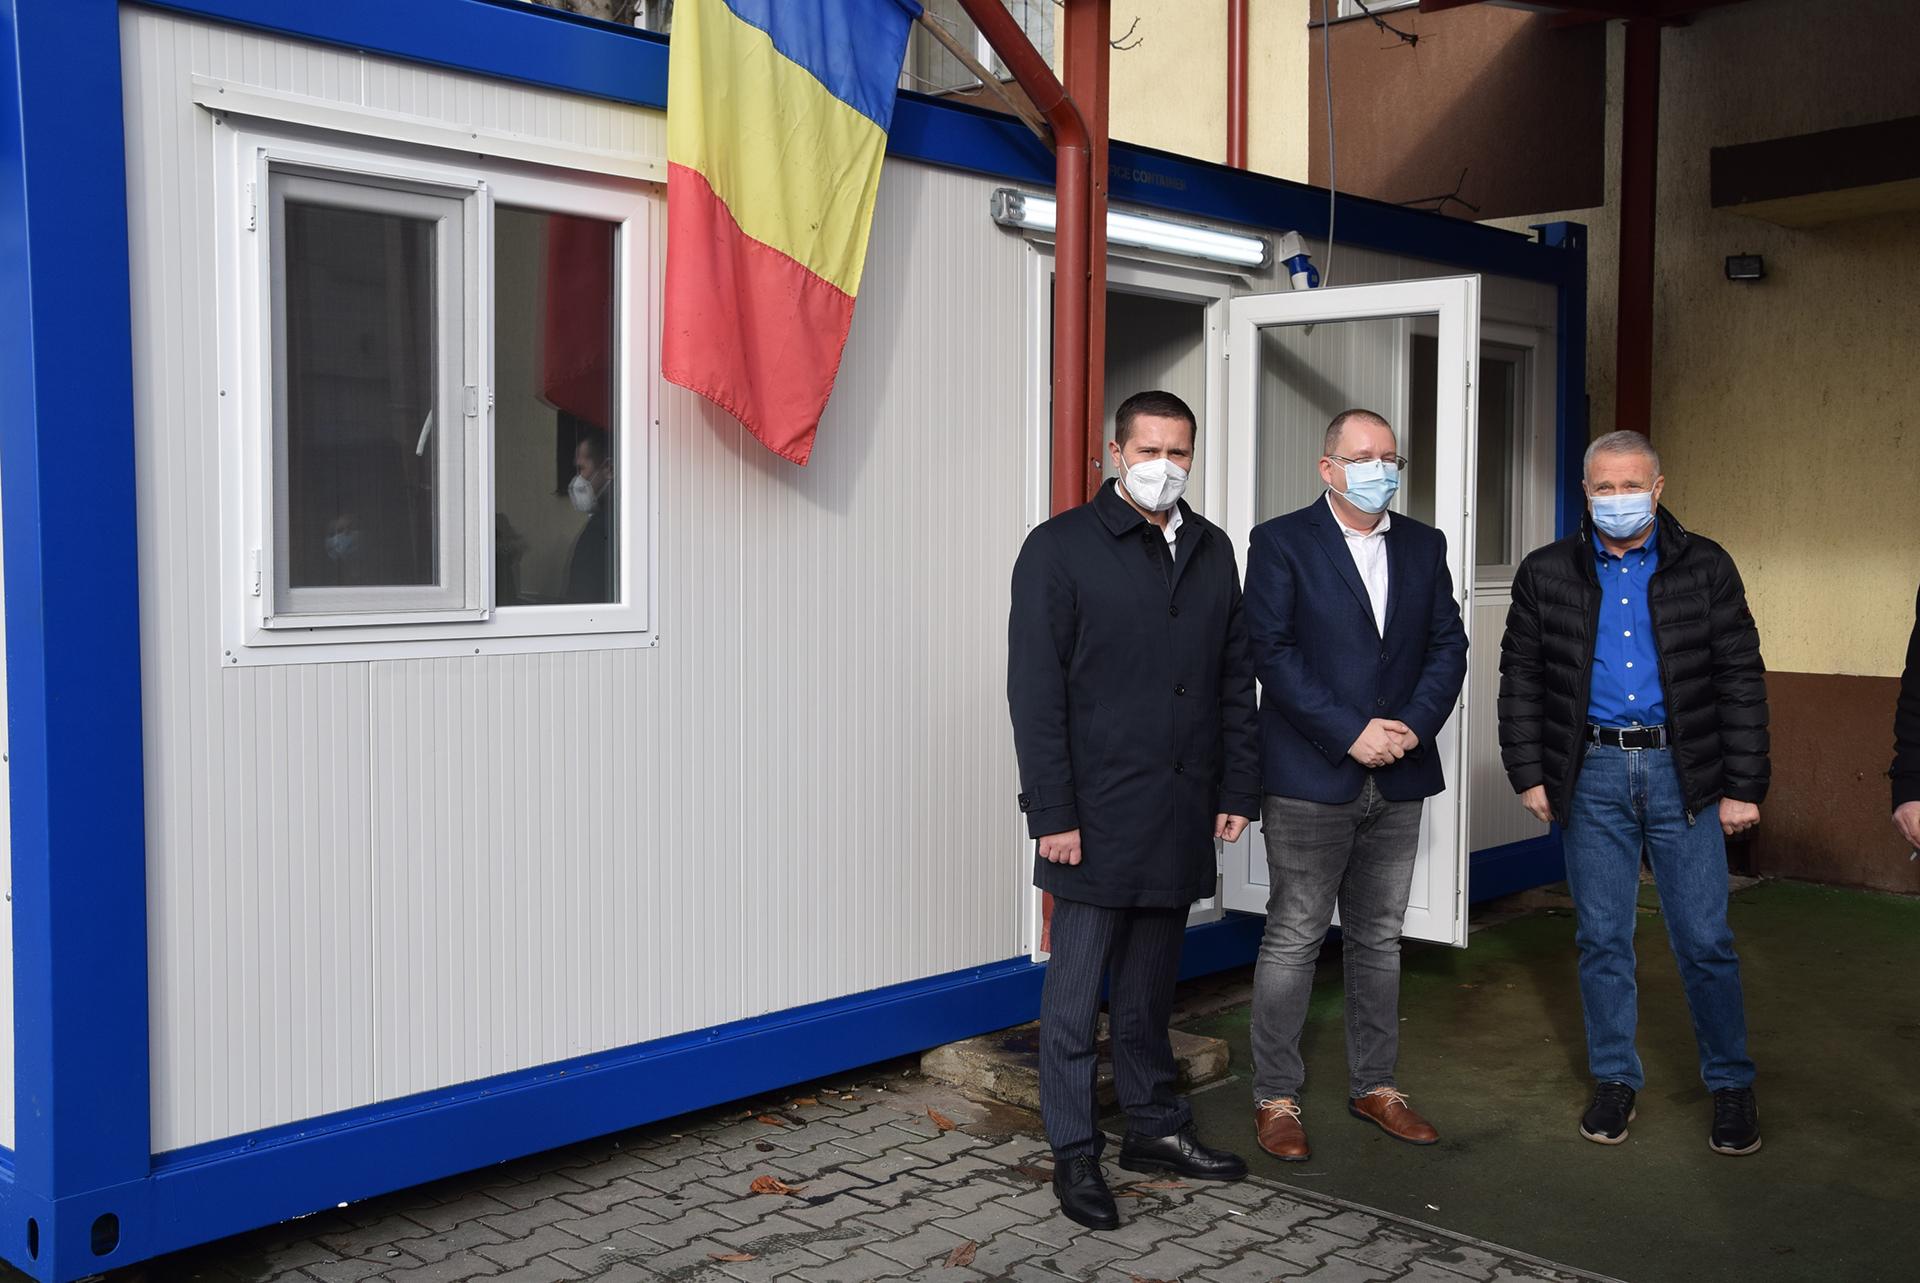 Spitalul Orășenesc Titu a primit un container special pentru pacienţii suspecţi de COVID-19